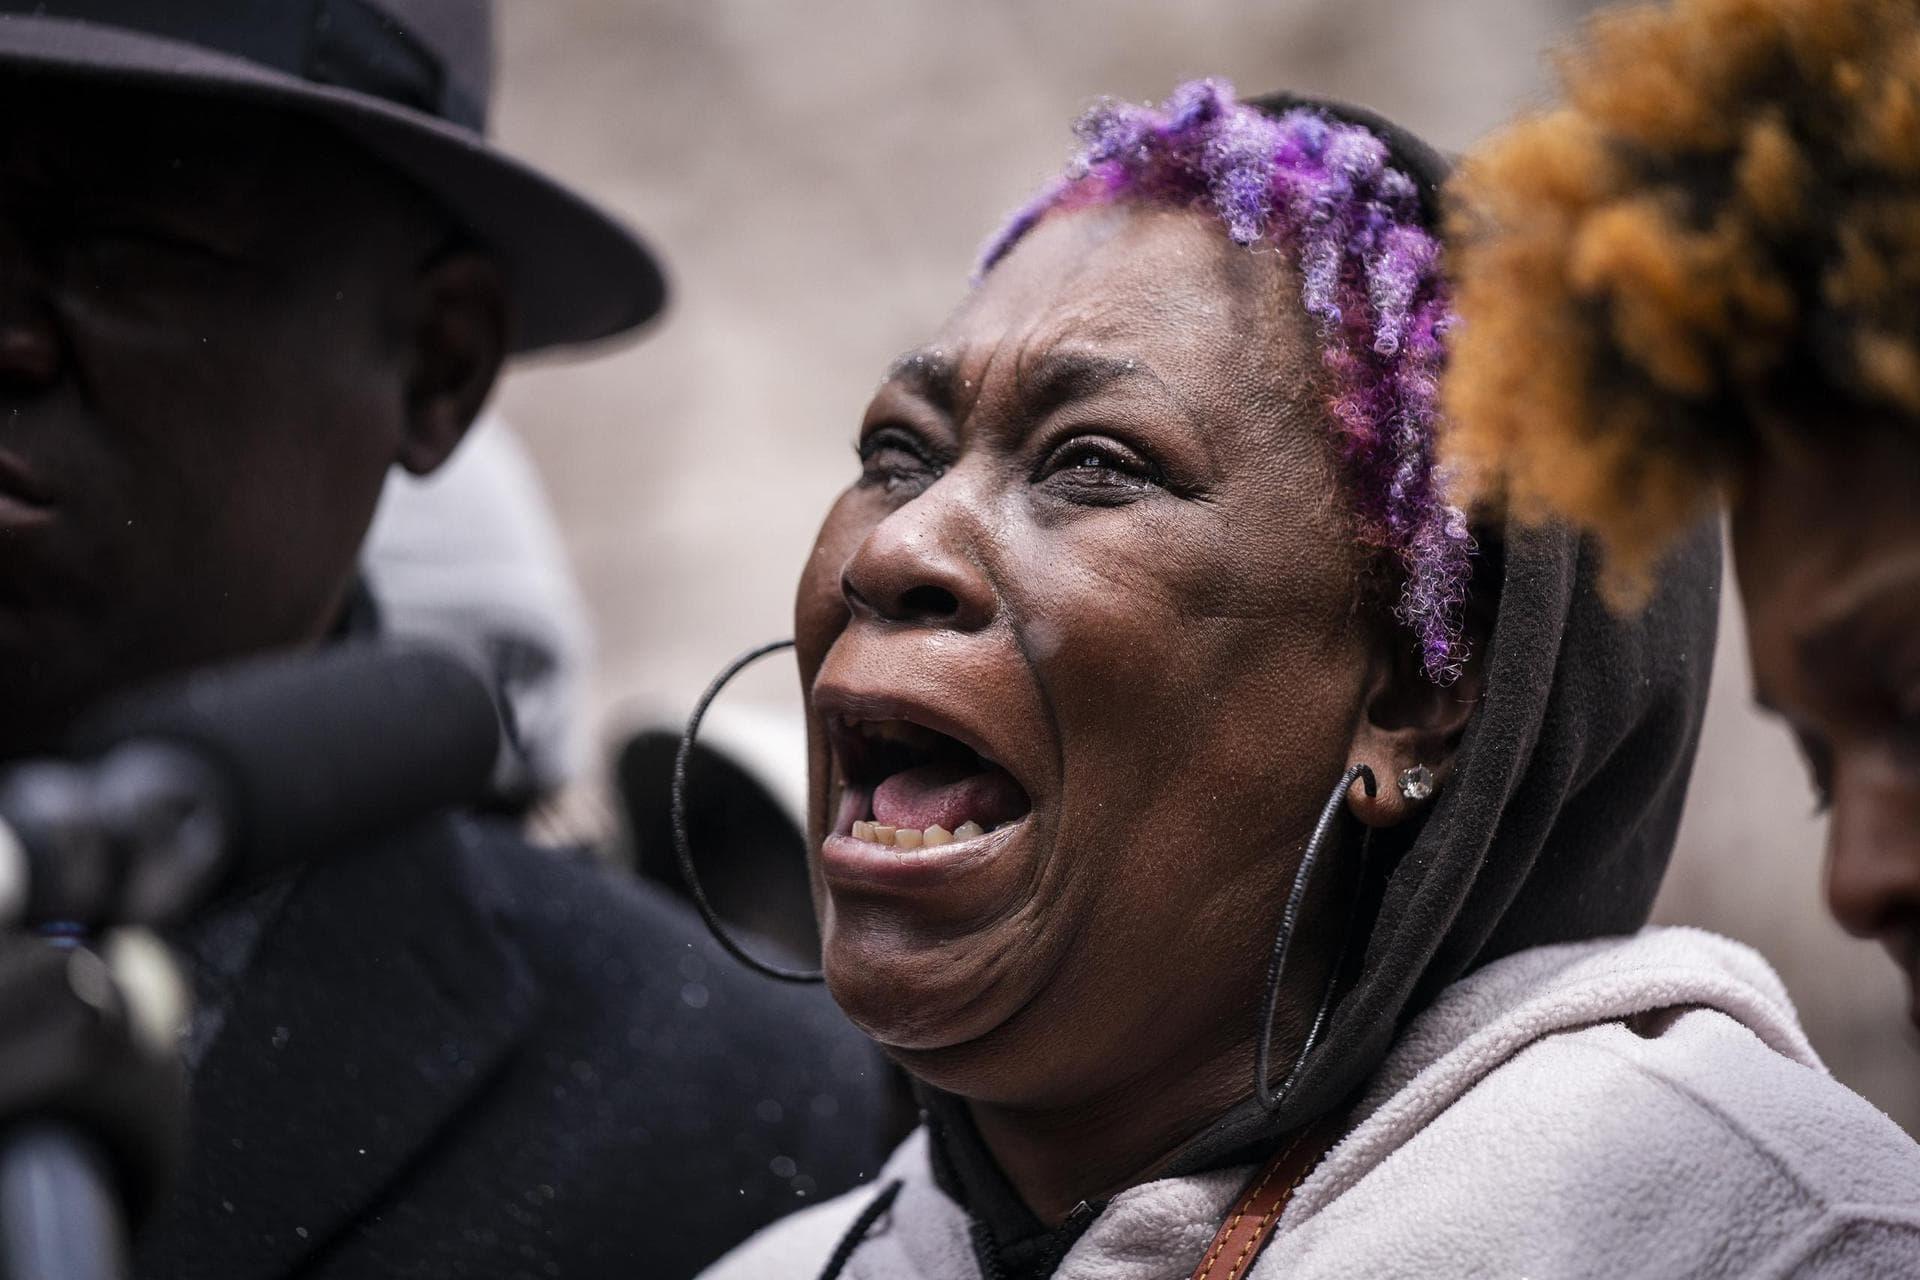 Proteste nach Tötung eines Schwarzen in den USA Polizeigewalt